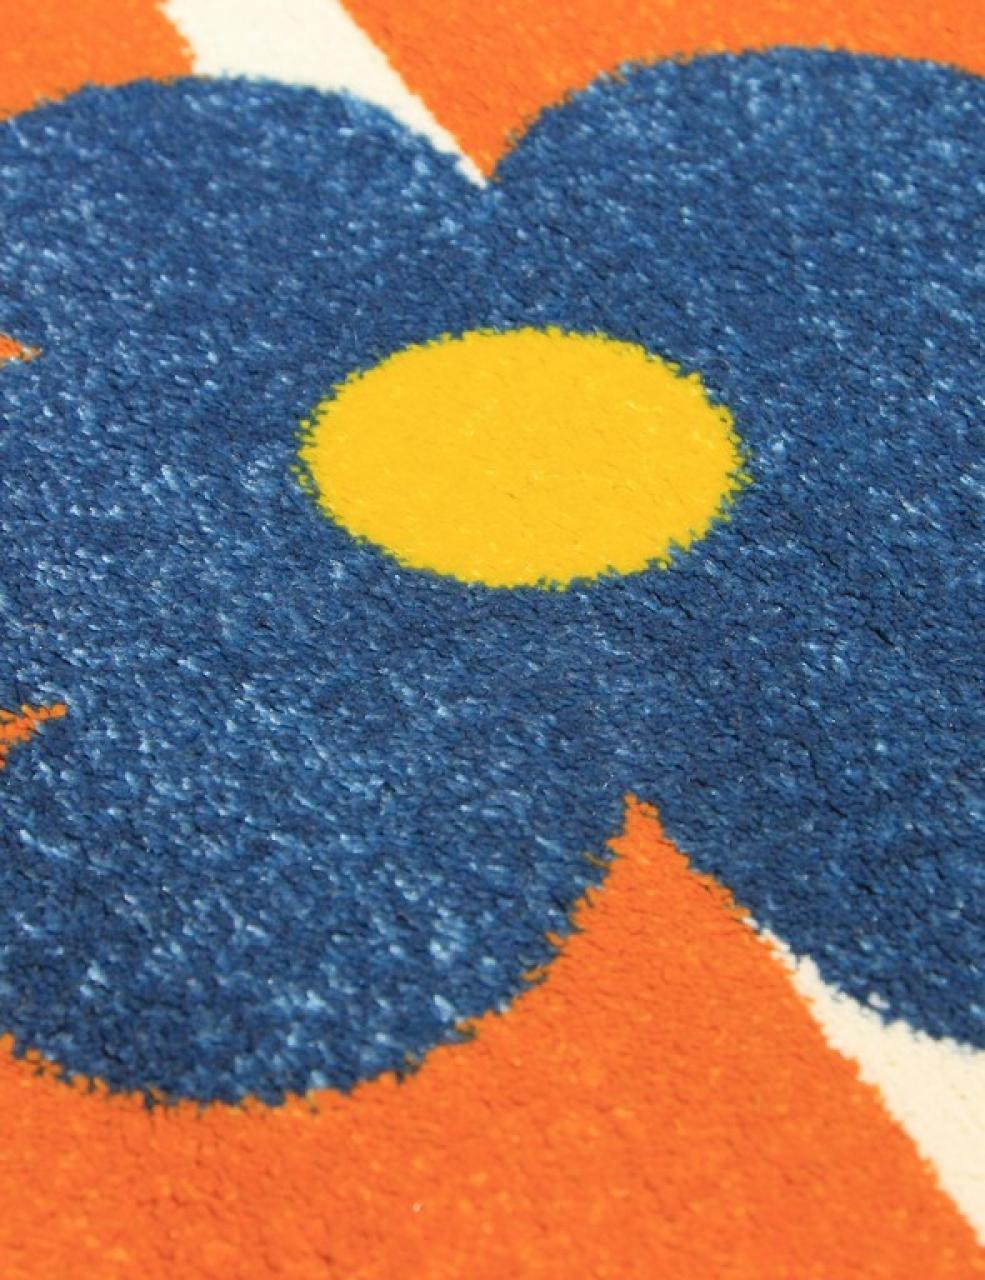 Ковер 1021 - ORANGE - Прямоугольник - коллекция CRYSTAL - фото 5